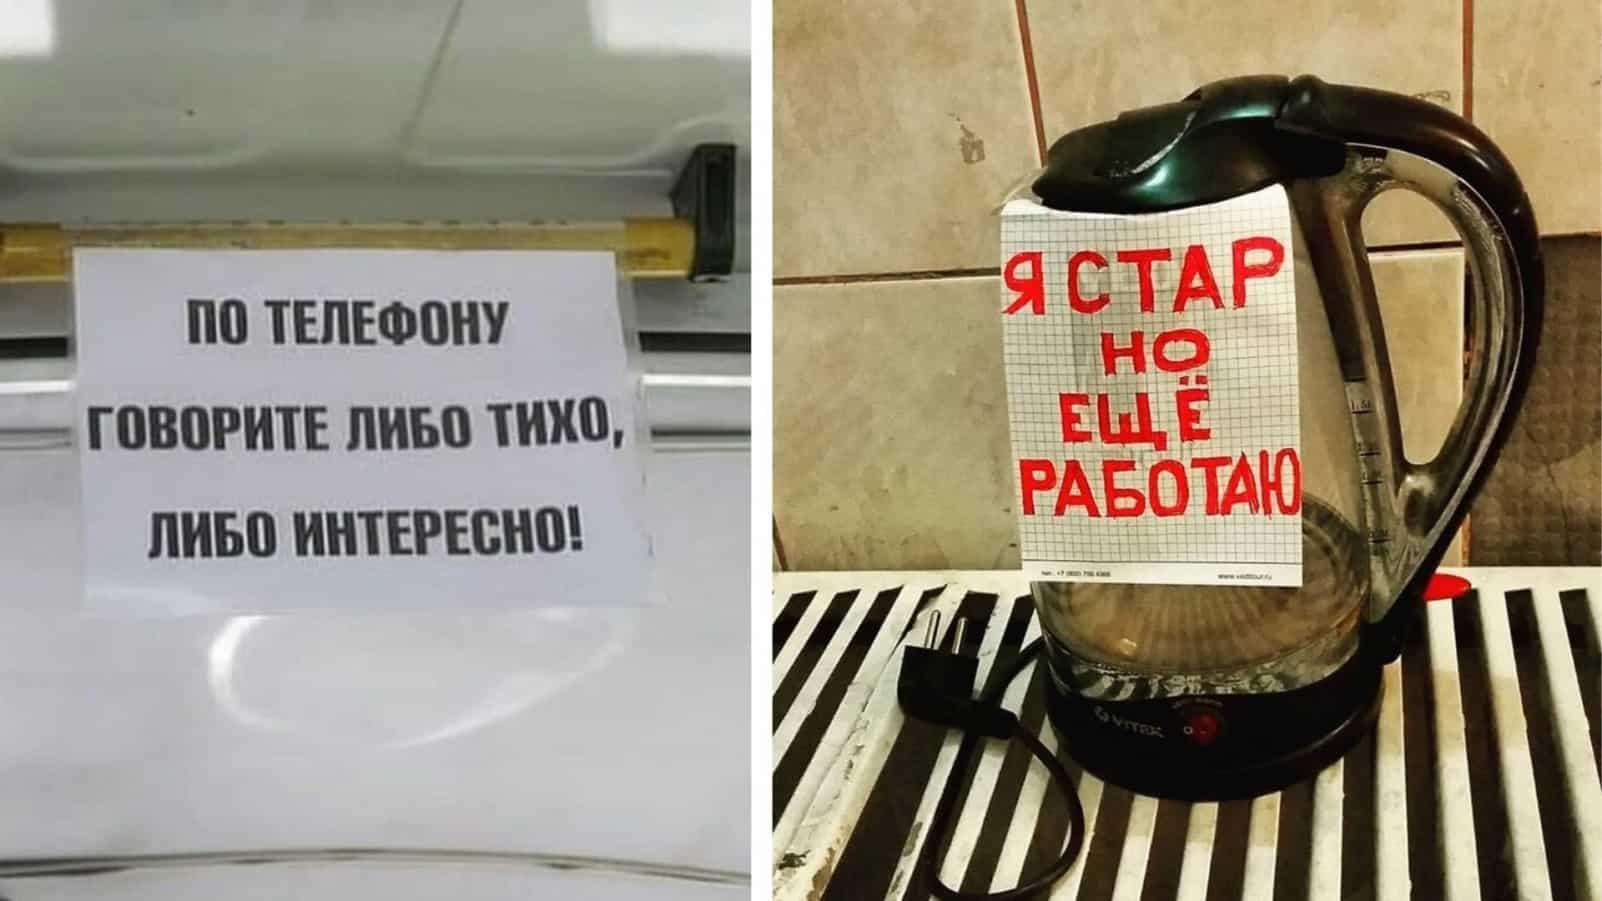 15 обявлений с российских просторов, которые сбивают с ног своей непосредственностью